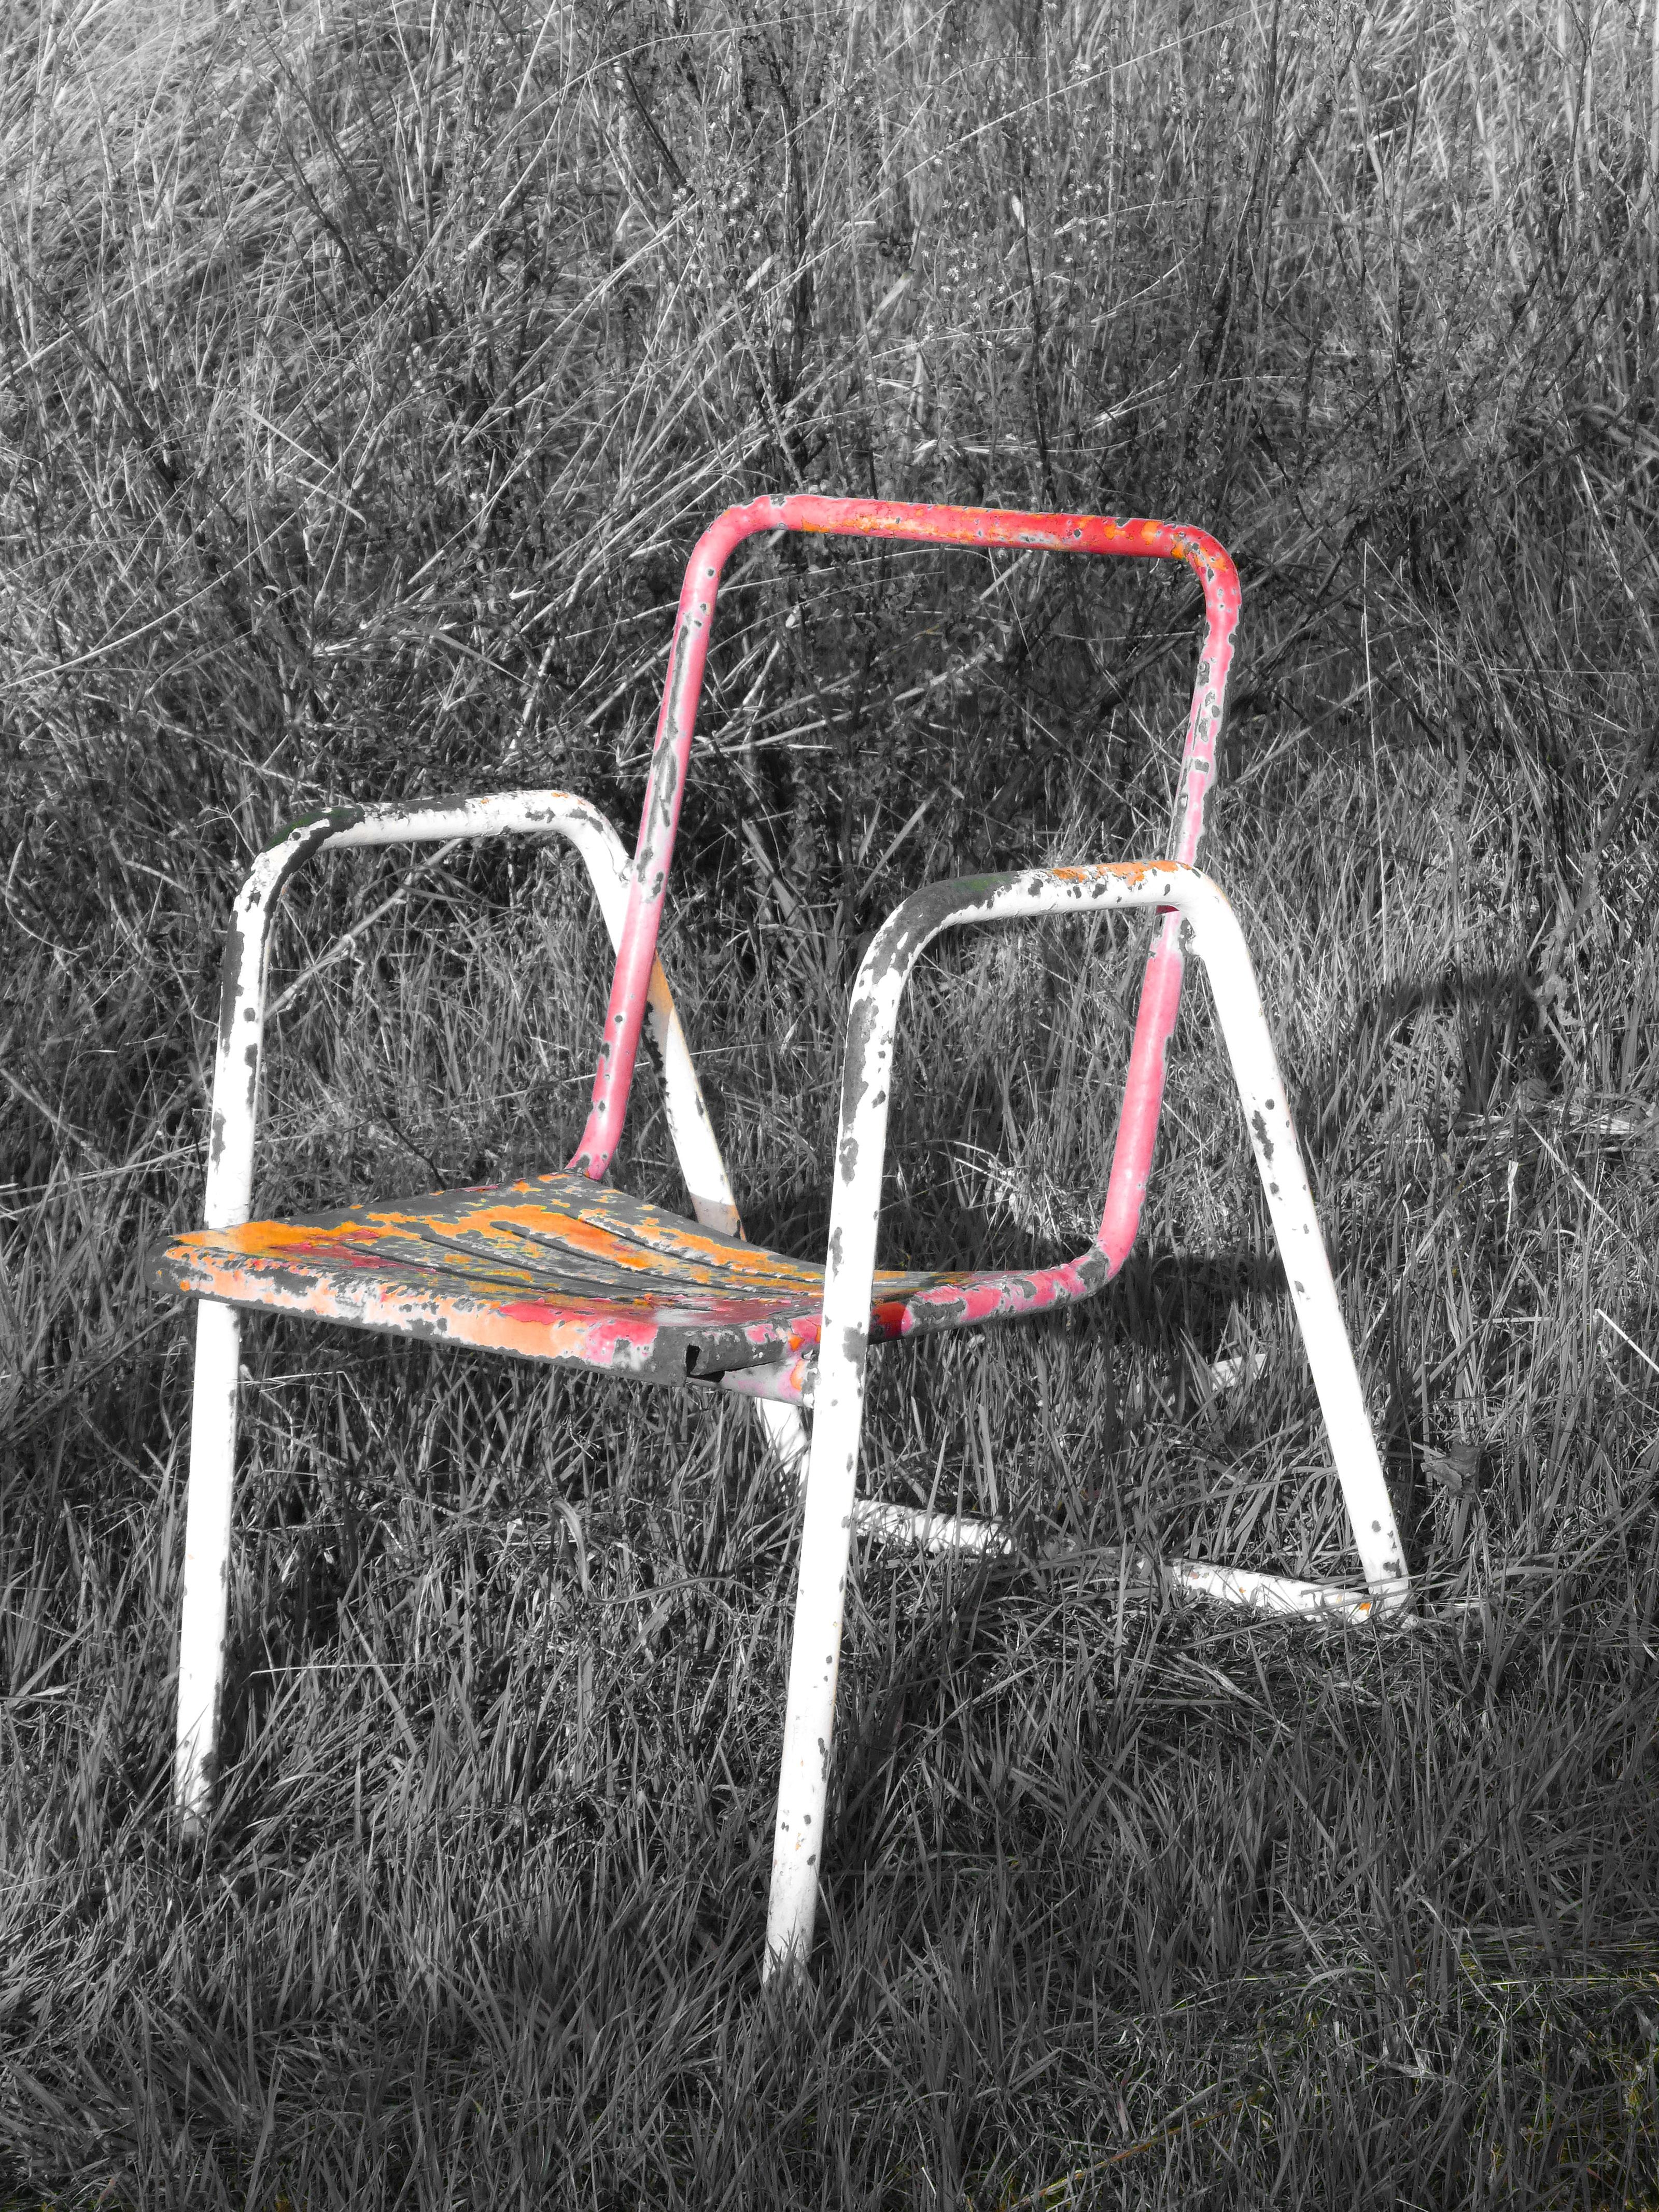 Fotos Gratis Silla L Nea S Mbolo Abandonado Mueble Concepto  # Muebles Soledad